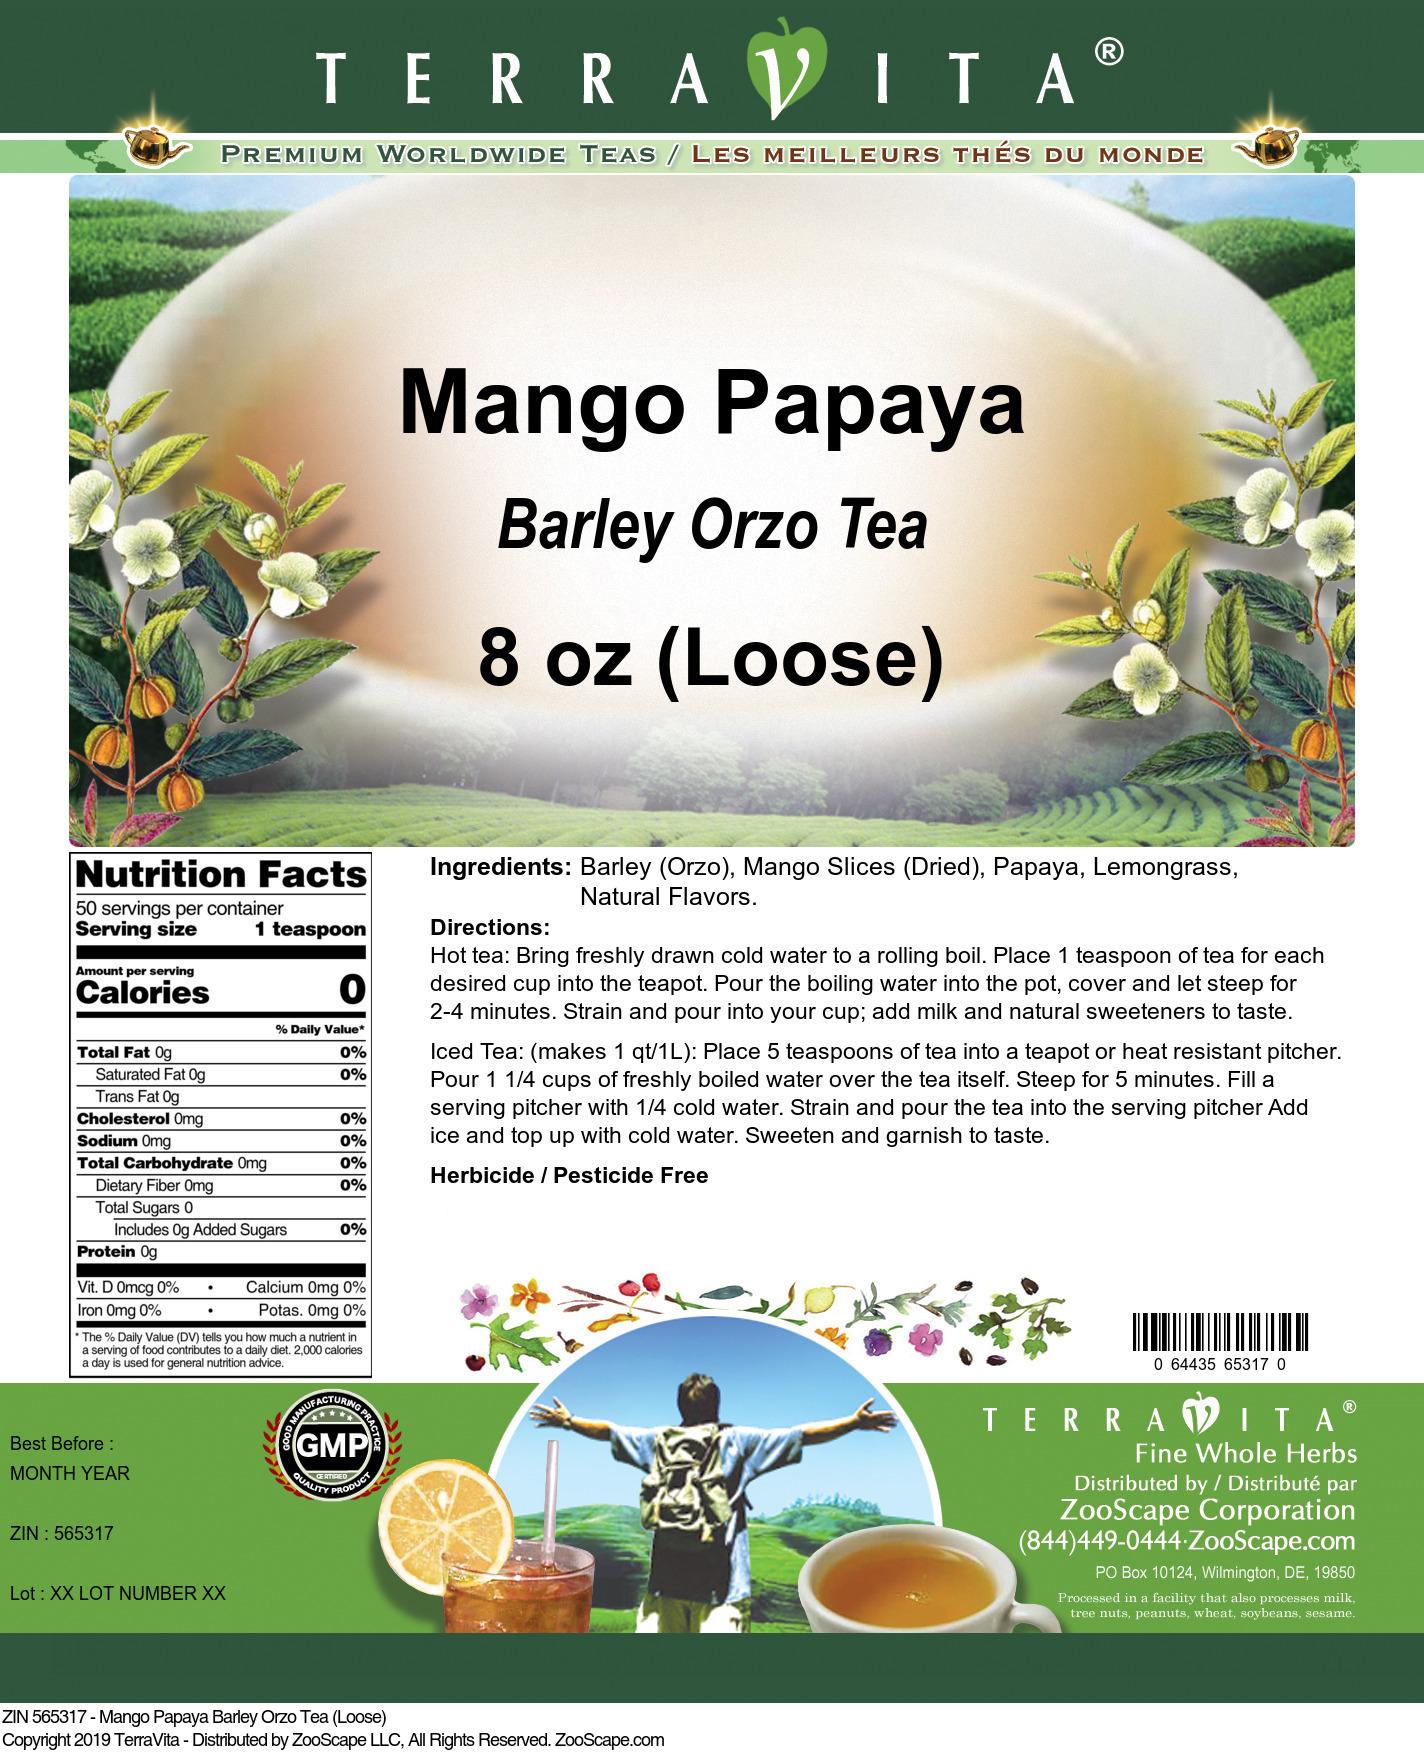 Mango Papaya Barley Orzo